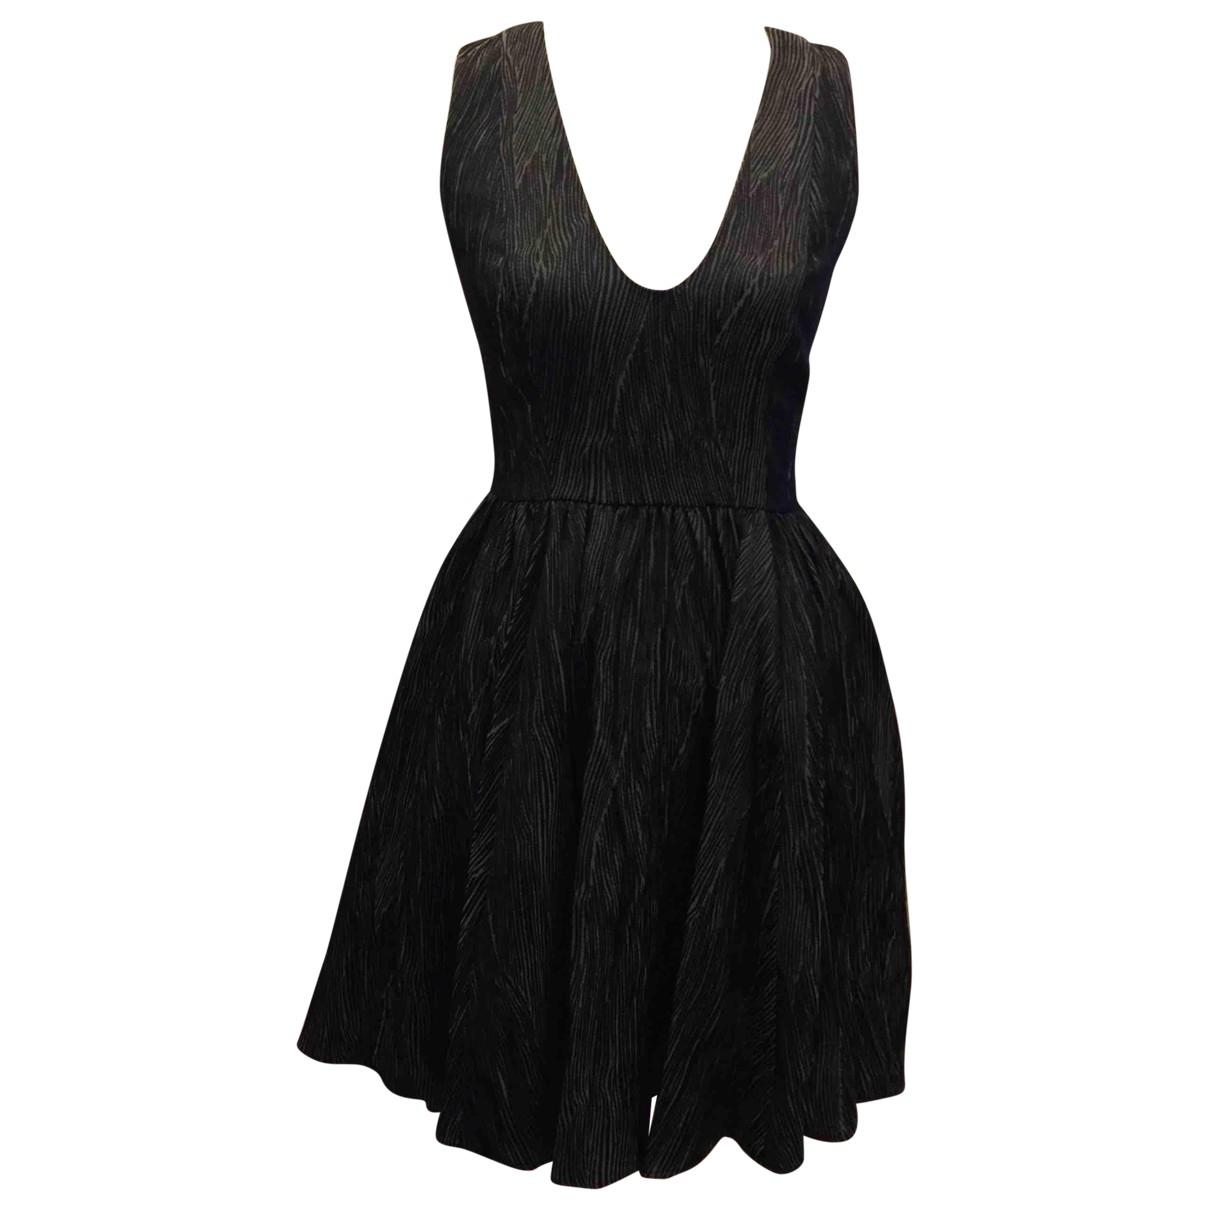 Emporio Armani \N Silver dress for Women 36 FR